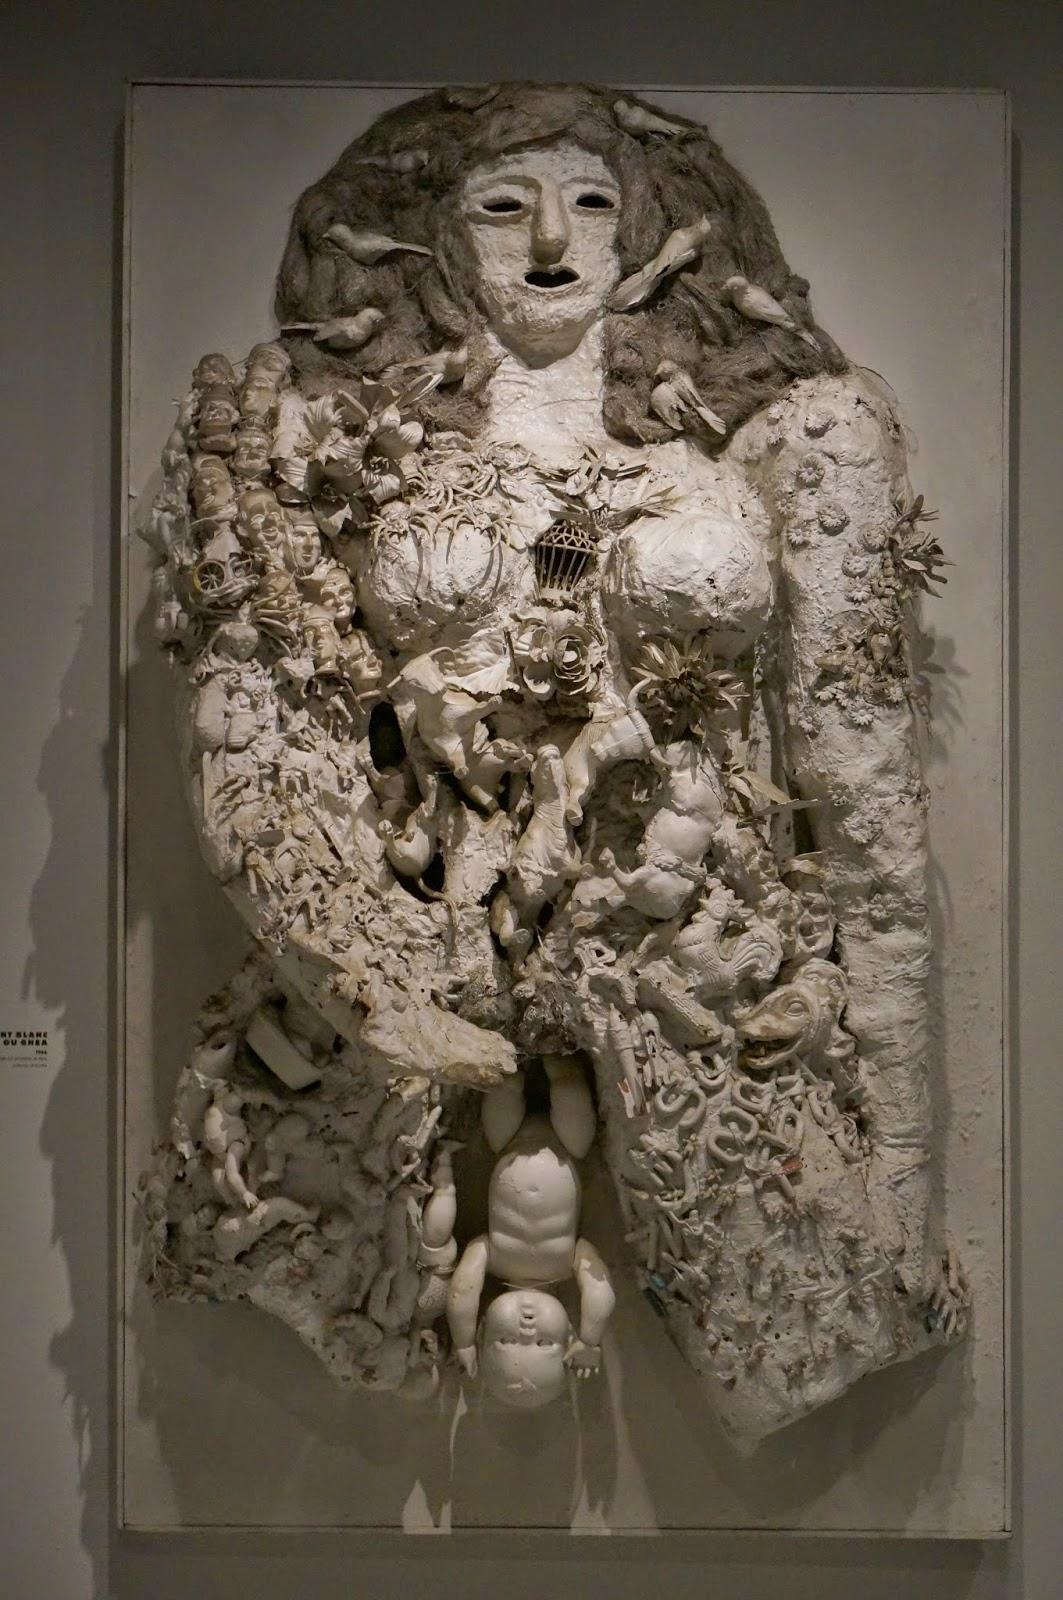 """Niki de Saint Phalle (1930-2002) est l'une des artistes les plus populaires du milieu du XXe siècle, à la fois plasticienne, peintre, sculptrice et réalisatrice de films. Si elle est surtout connue du grand public pour ses célèbres « Nanas », son oeuvre s'impose aussi par son engagement politique et féministe et par sa radicalité.     Niki de Saint Phalle (1930-2002) est l'une des artistes les plus populaires du milieu du XXe siècle, à la fois plasticienne, peintre, sculptrice et réalisatrice de films. Si elle est surtout connue du grand public pour ses célèbres « Nanas », son oeuvre s'impose aussi par son engagement politique et féministe et par sa radicalité.    """"Accouchement blanc ou Ghéa"""", 1964 """"Leto ou la crucifixion"""", 1965 King Kong"""", 1963 daddy la promenade du dimanche """"Autel noire et blanc"""", 1962  «Je n'ai jamais tiré sur Dieu (...), je tire sur l'Eglise»   la toilette le reve de diane daddy  """"Accouchement blanc ou Ghéa"""", 1964  """"Leto ou la crucifixion"""", 1965"""